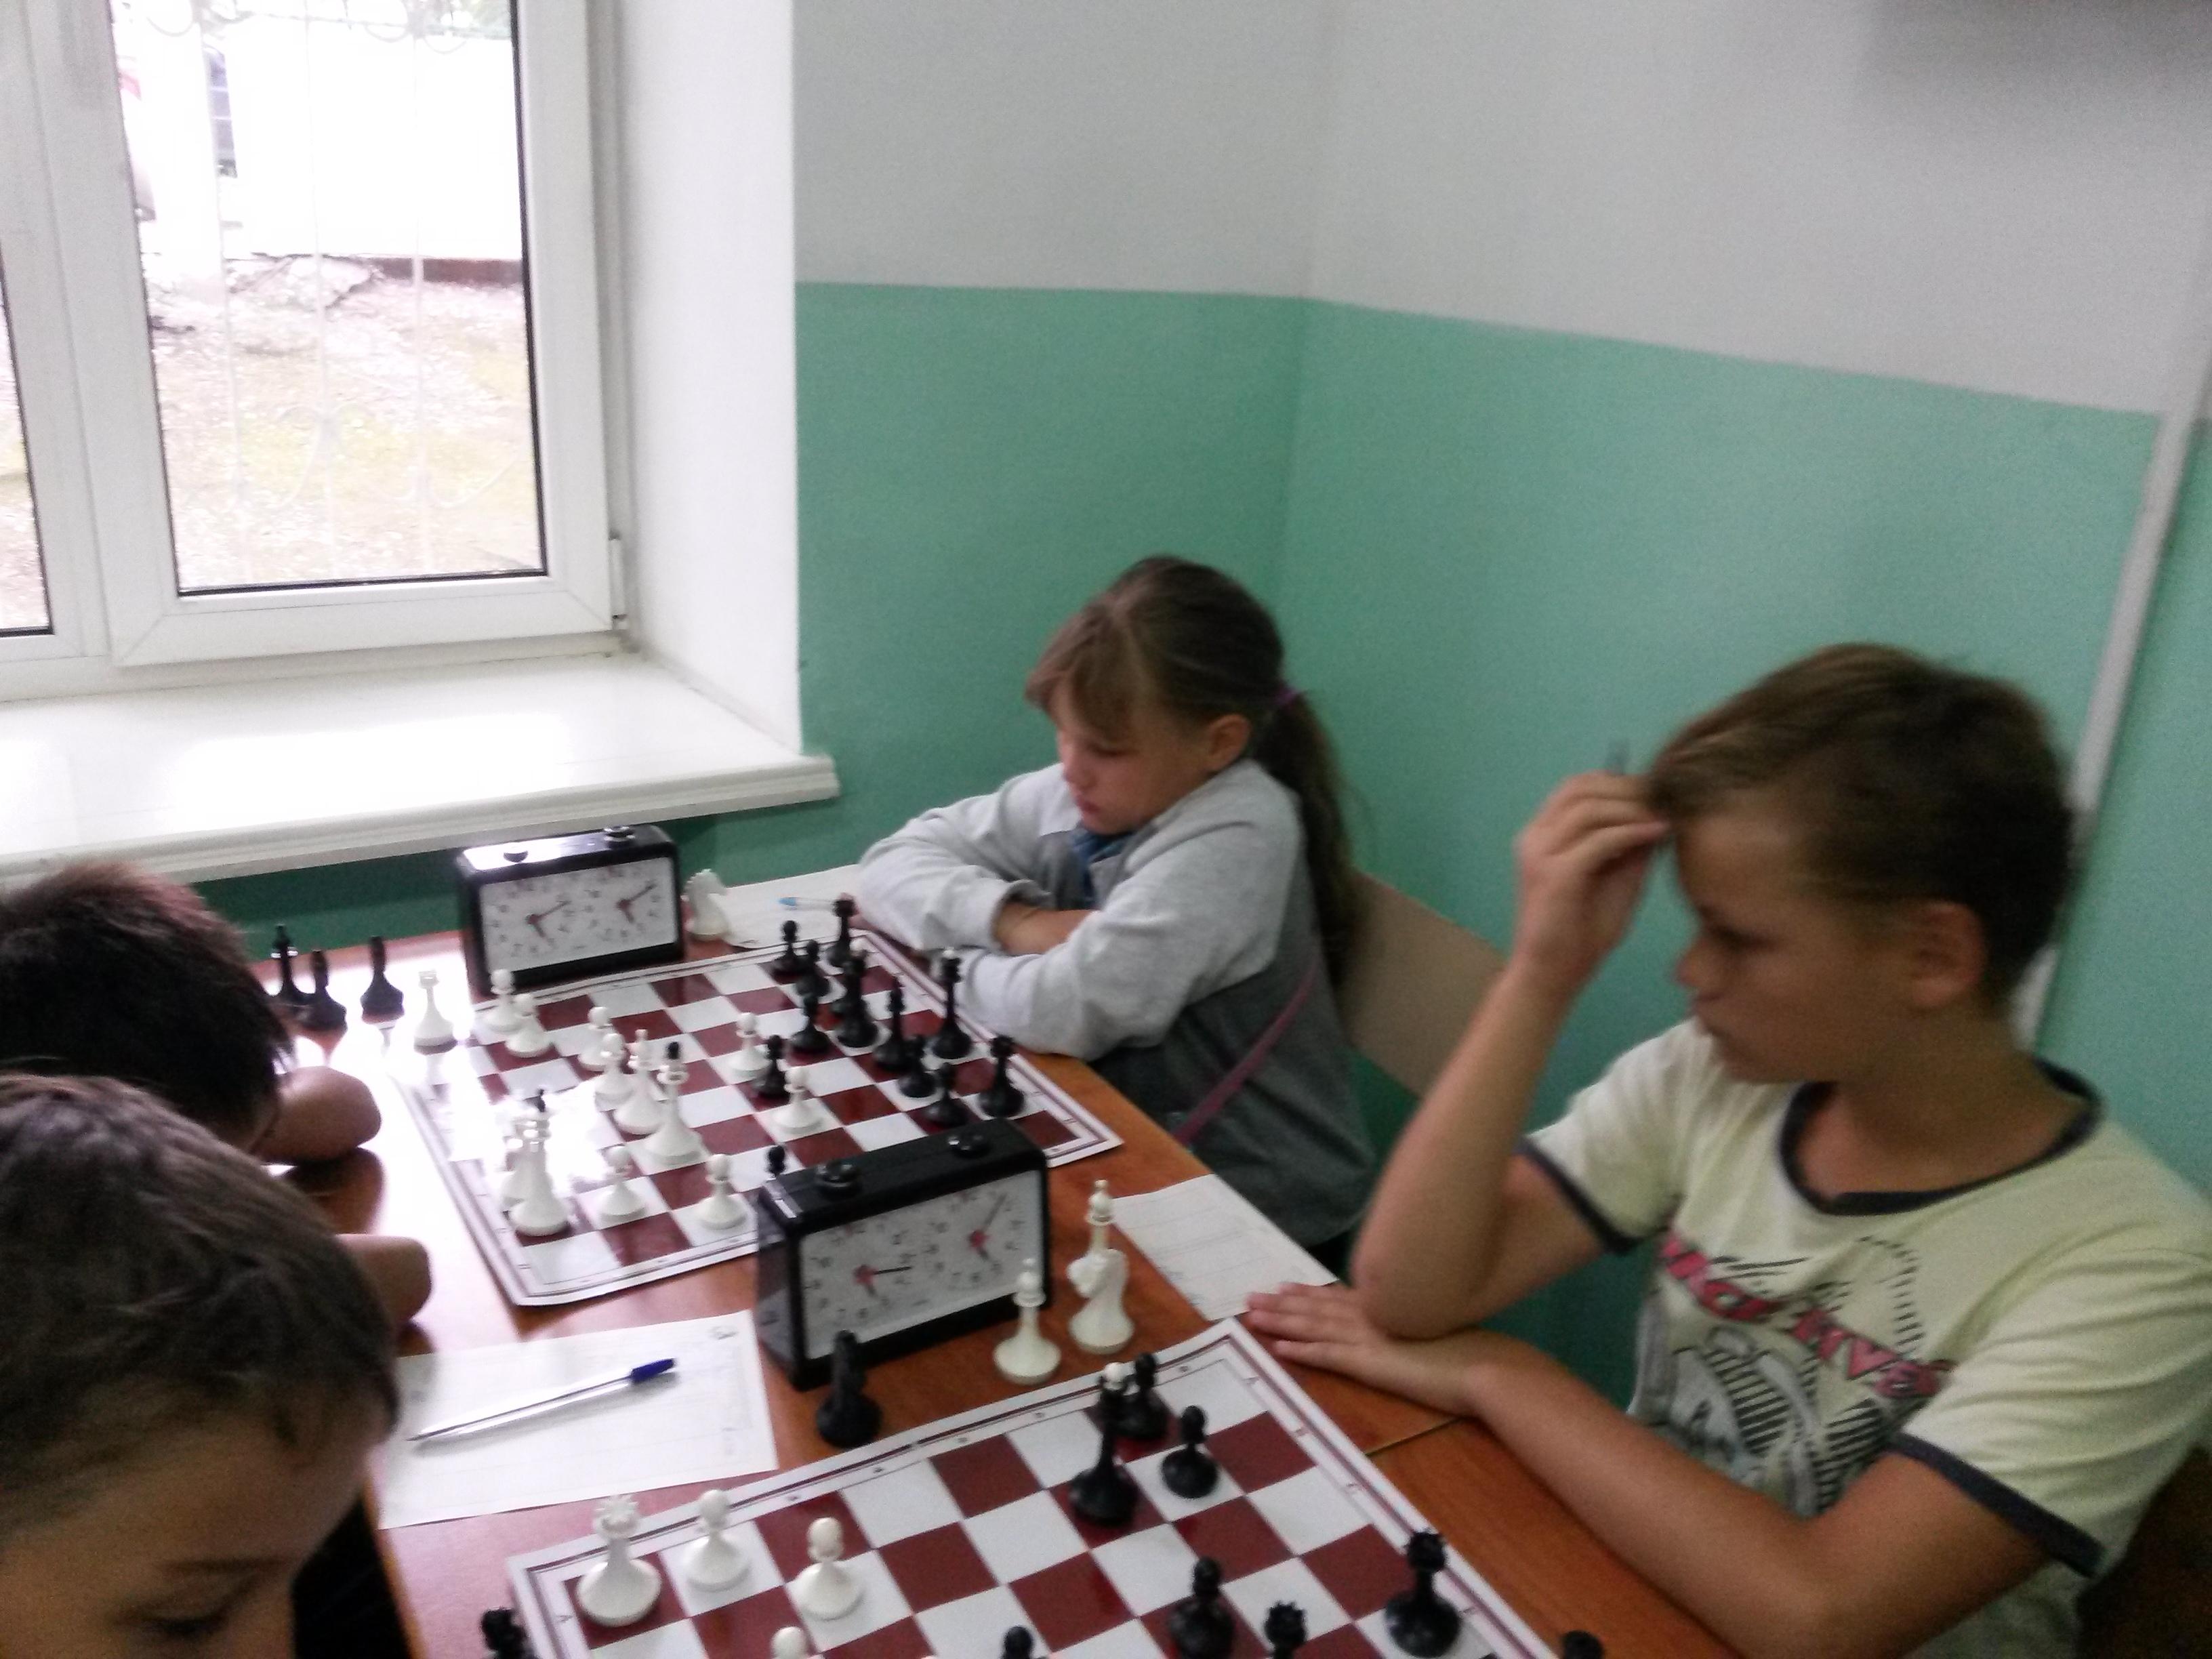 На дальнем плане фаворит безрейтингового турнира лучшая в Хакасии в своём возрасте Елизавета Власенко.